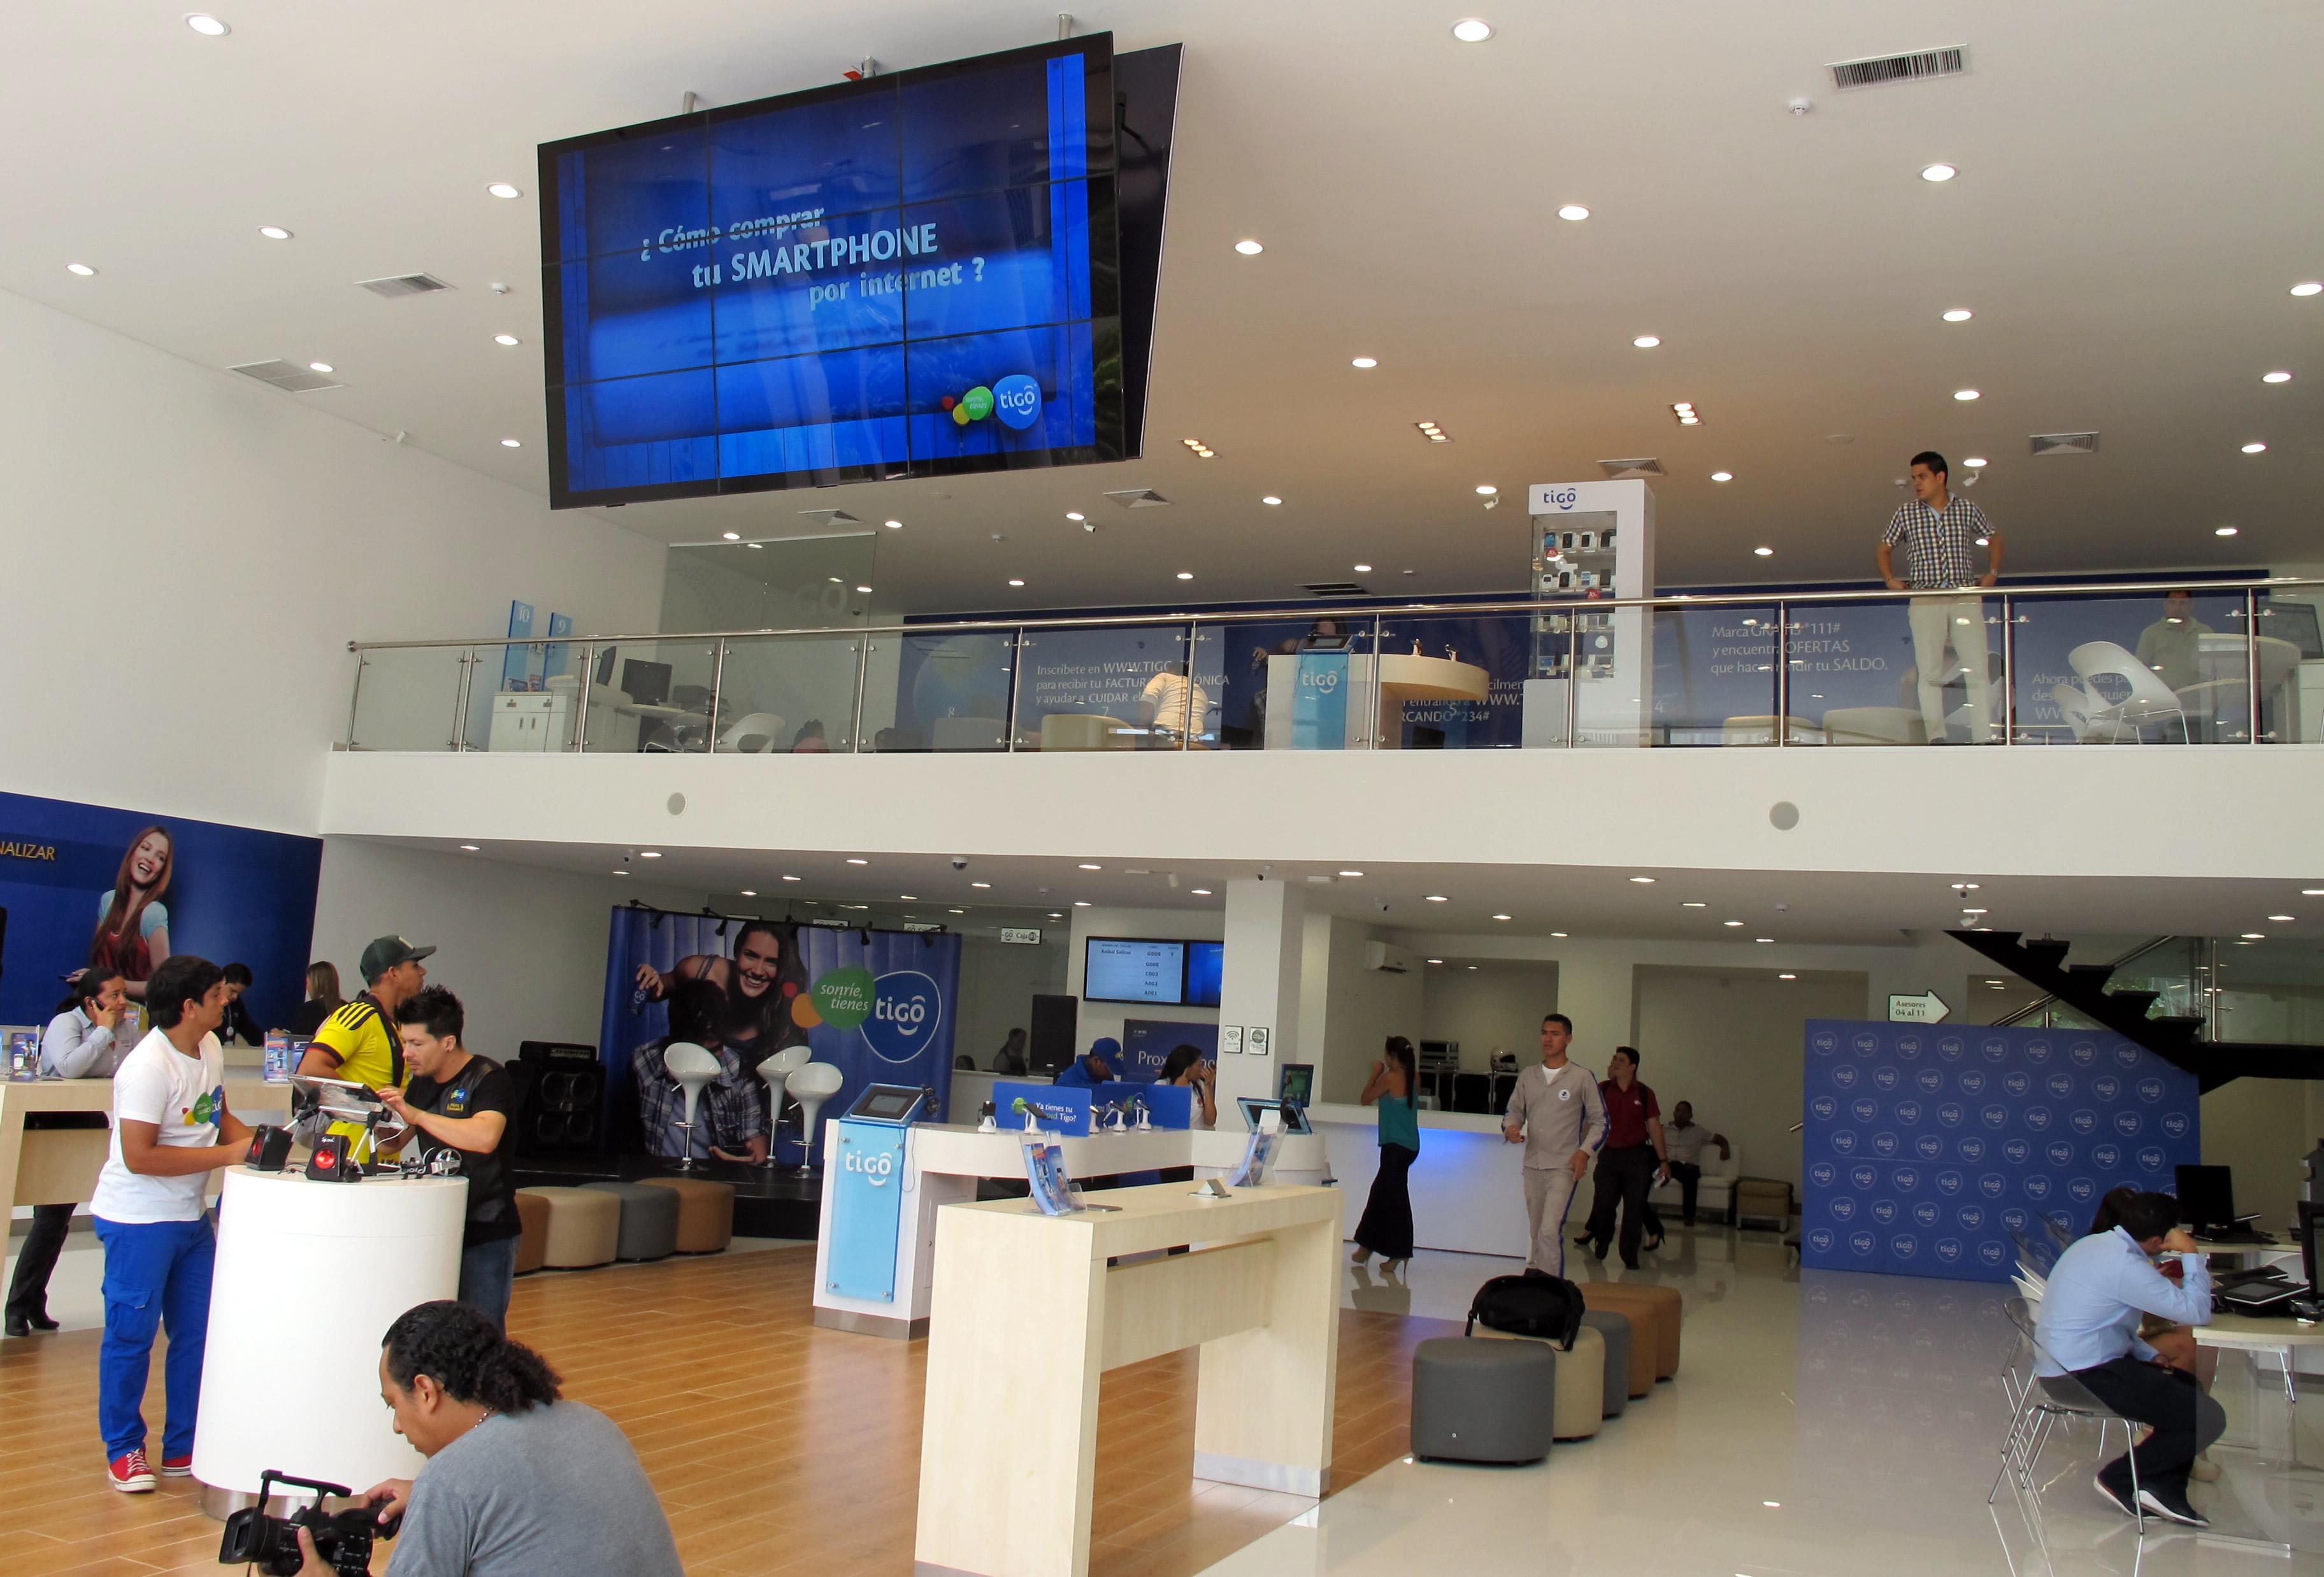 Firma digitalizada avanzada en Colombia - Centro de Experiencia Tigo en Barranquilla horas antes de su inauguración